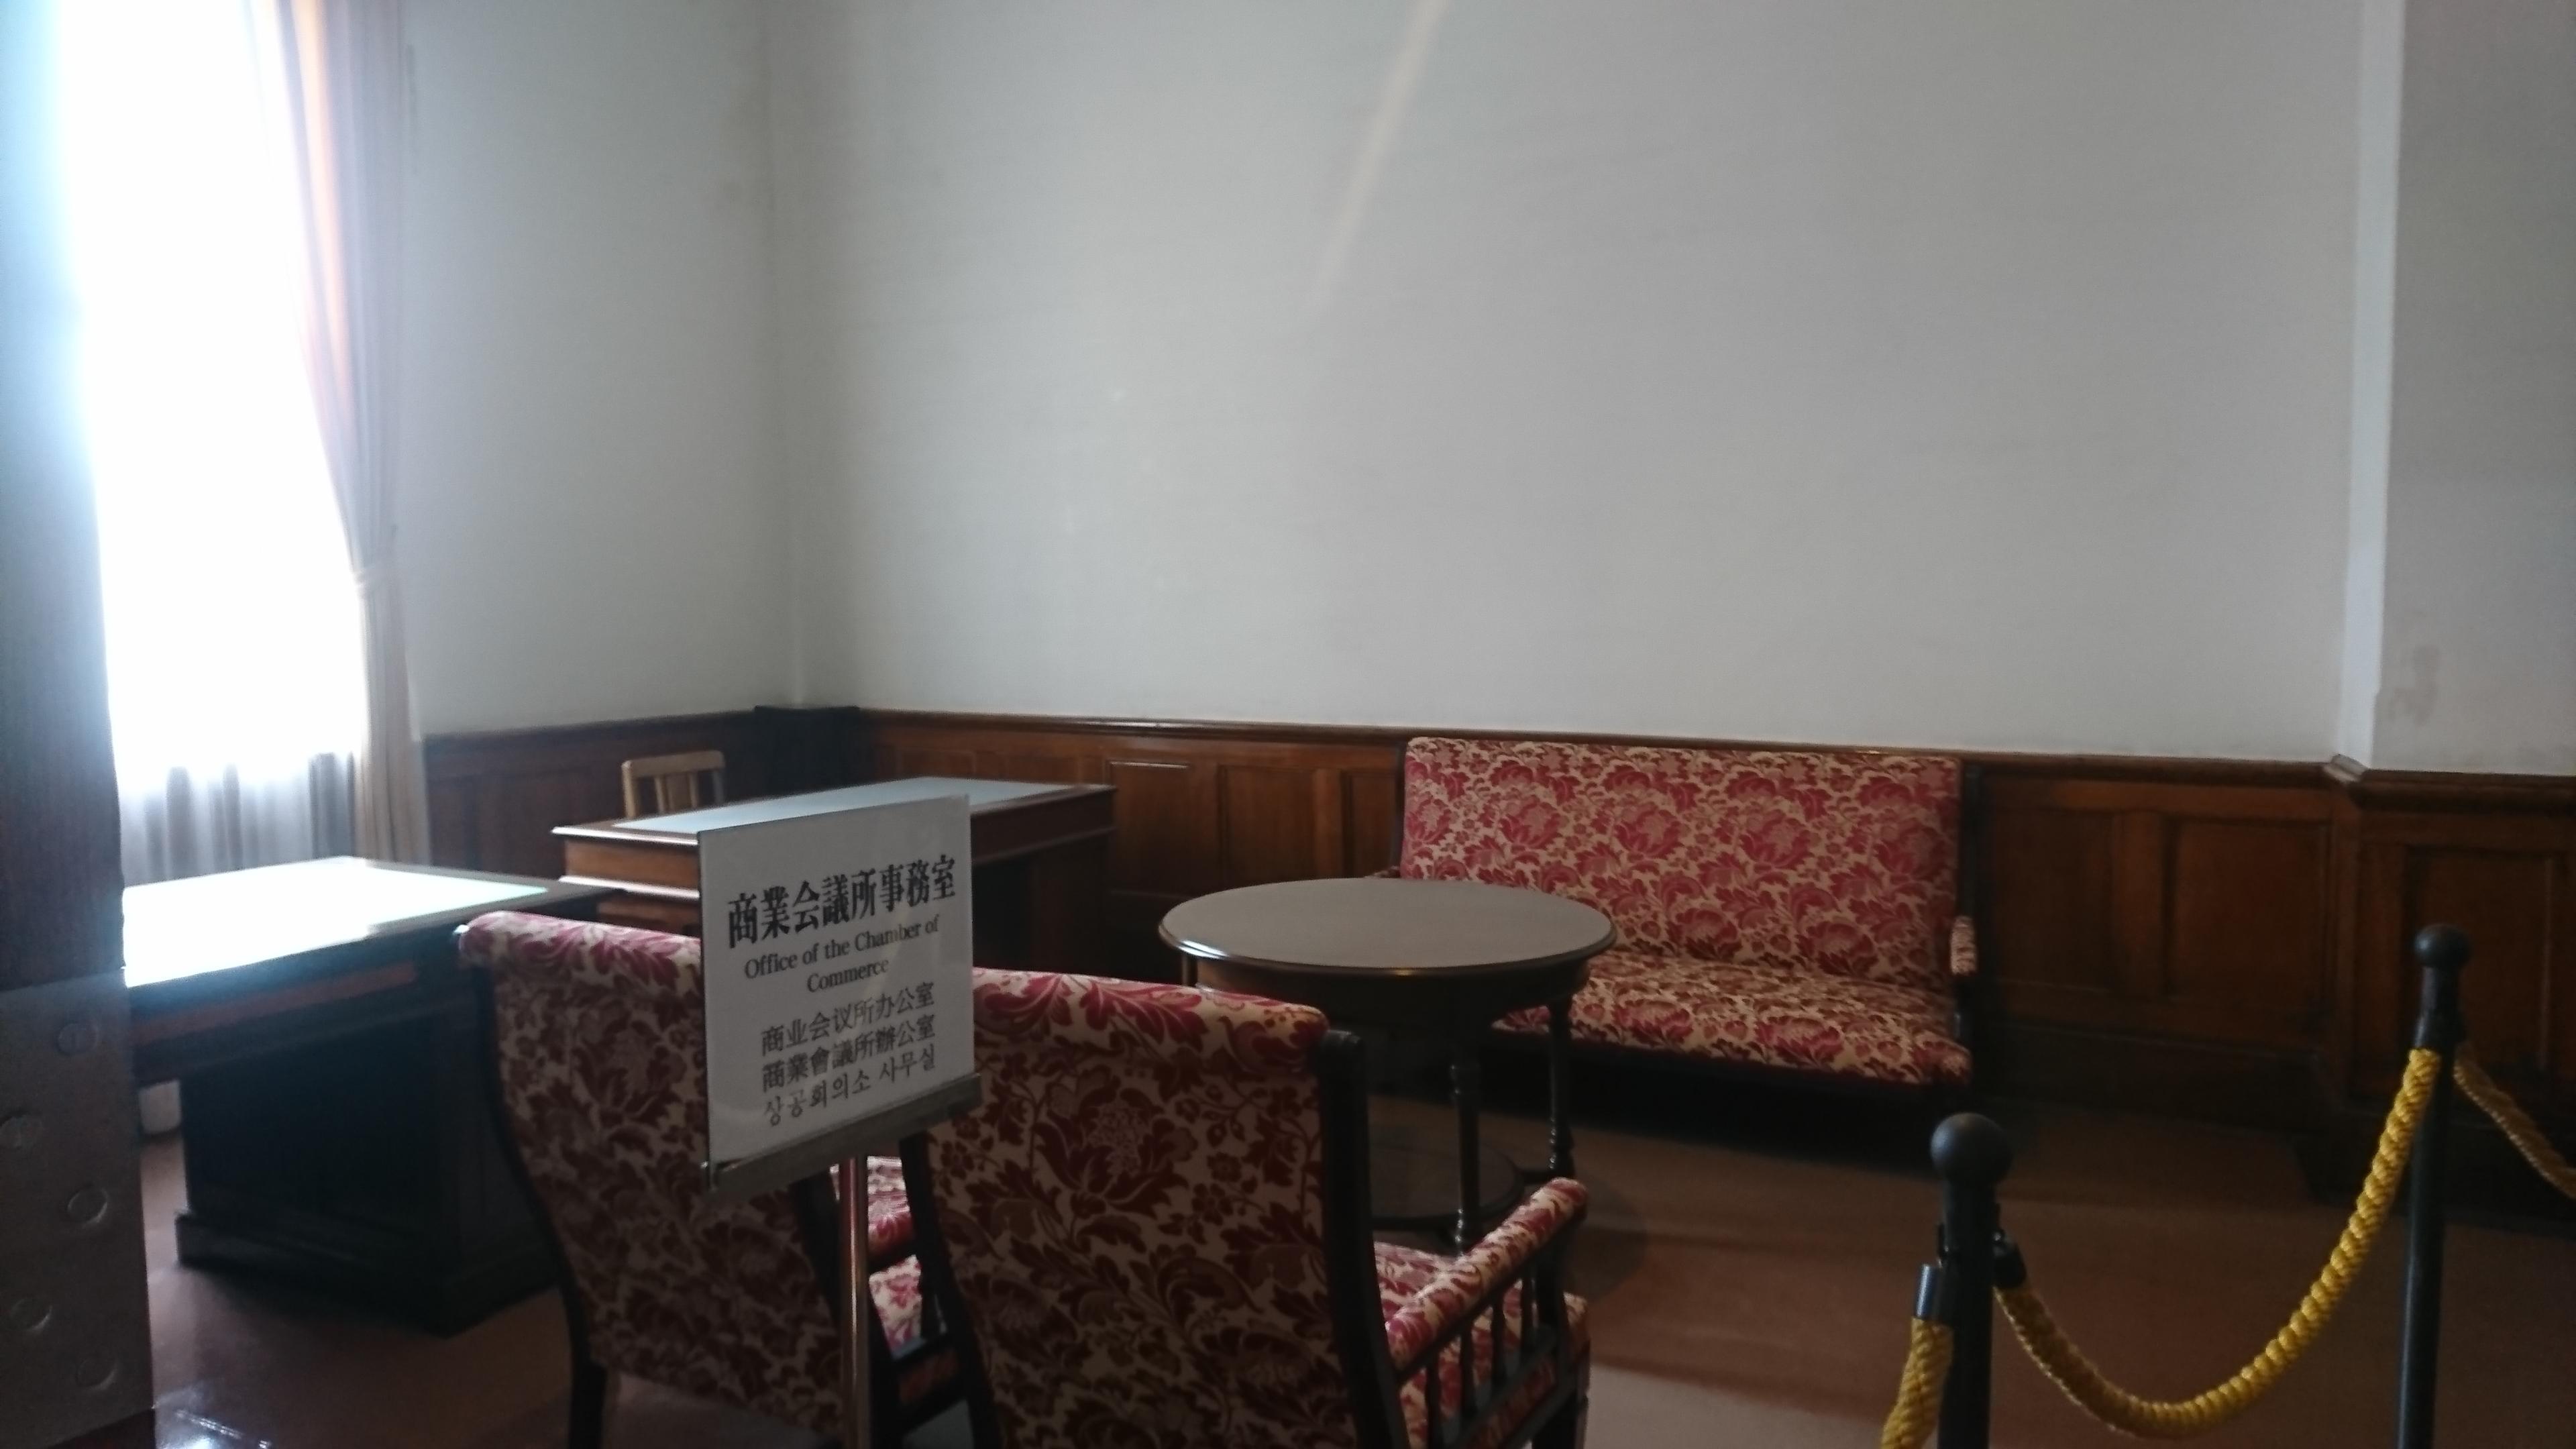 旧函館区公会堂の商工会議所事務室